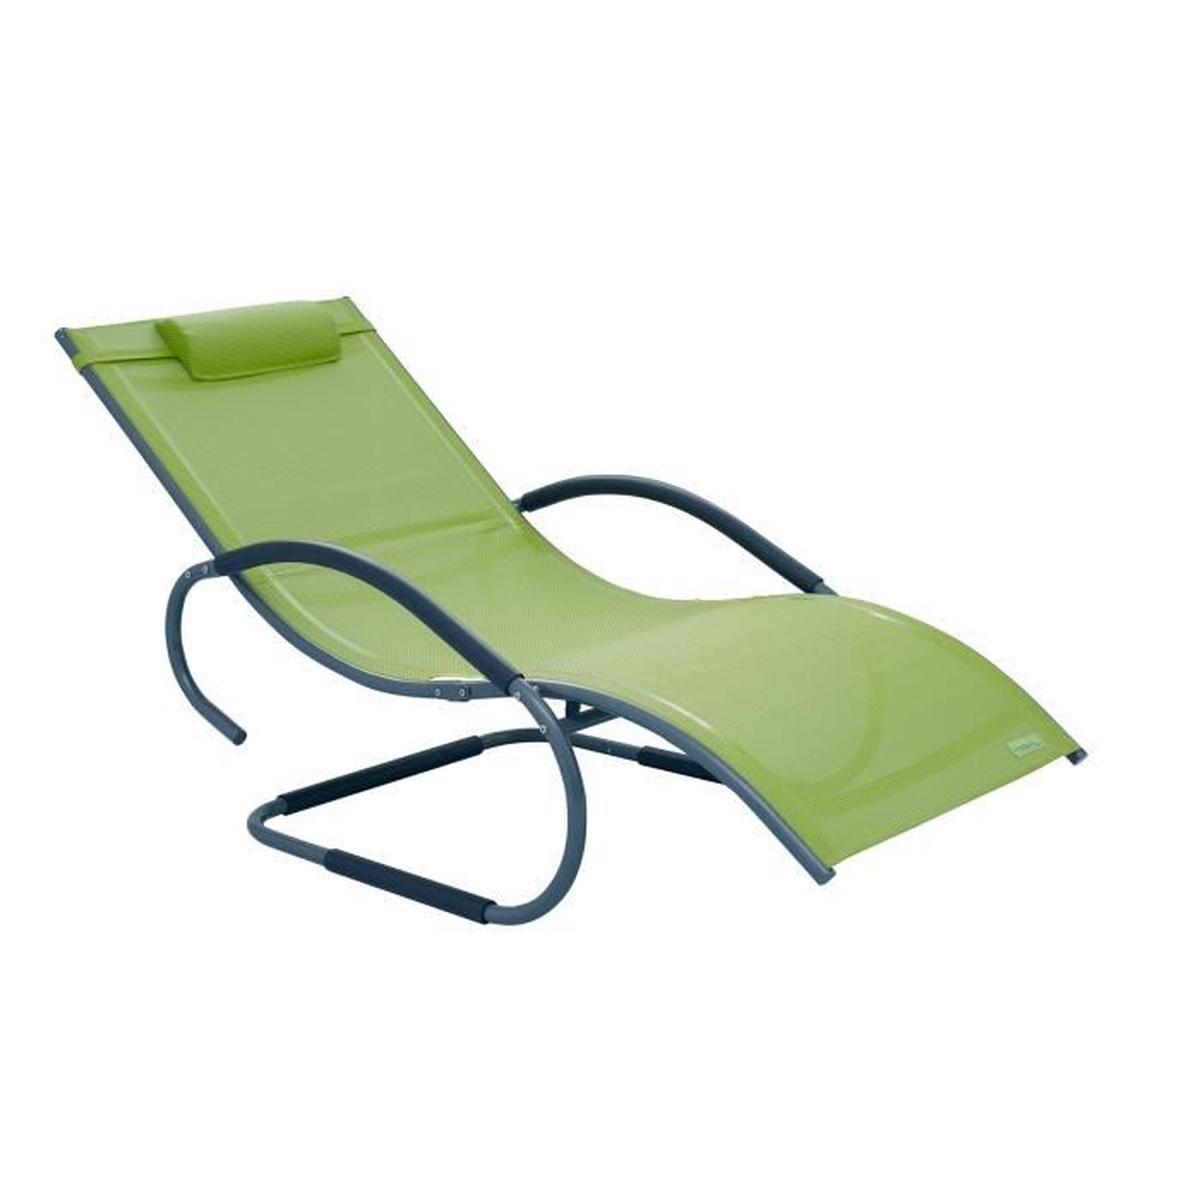 Luxus Xxl Chaise Longue De Jardin Avec Accoudoirs, Transat ... destiné Transat Jardin Pas Cher